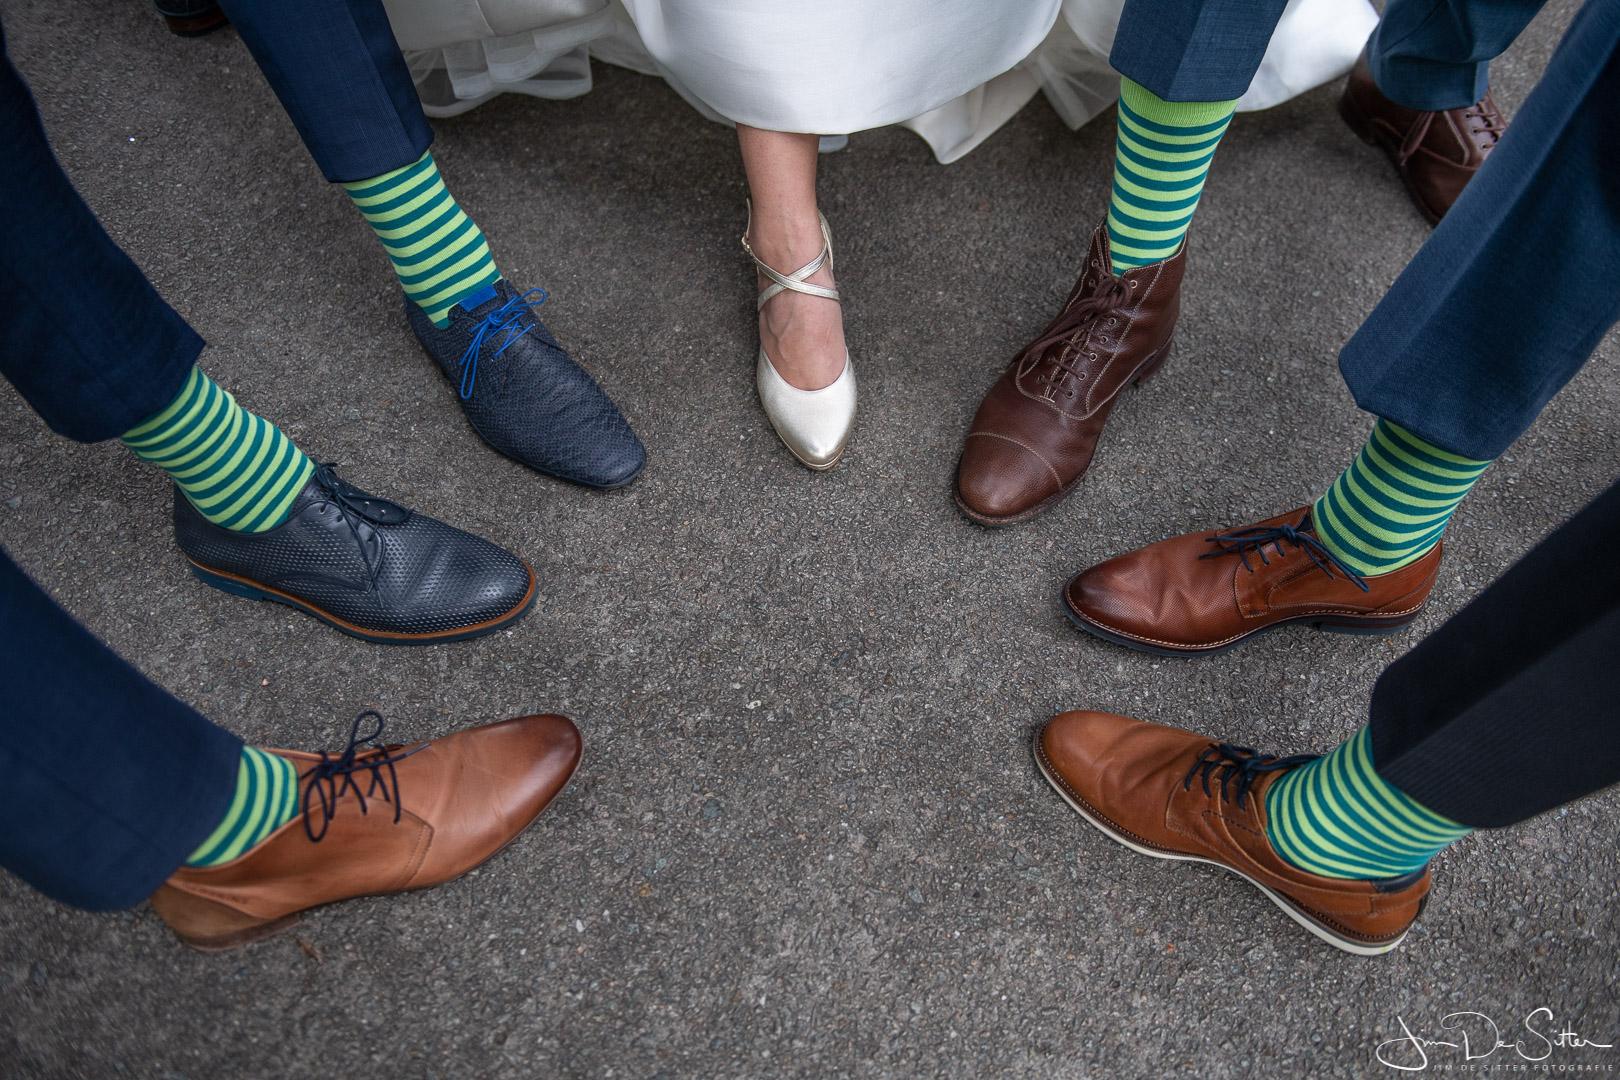 Huwelijksfotograaf Jim De Sitter : trouwfoto met een grappige touch